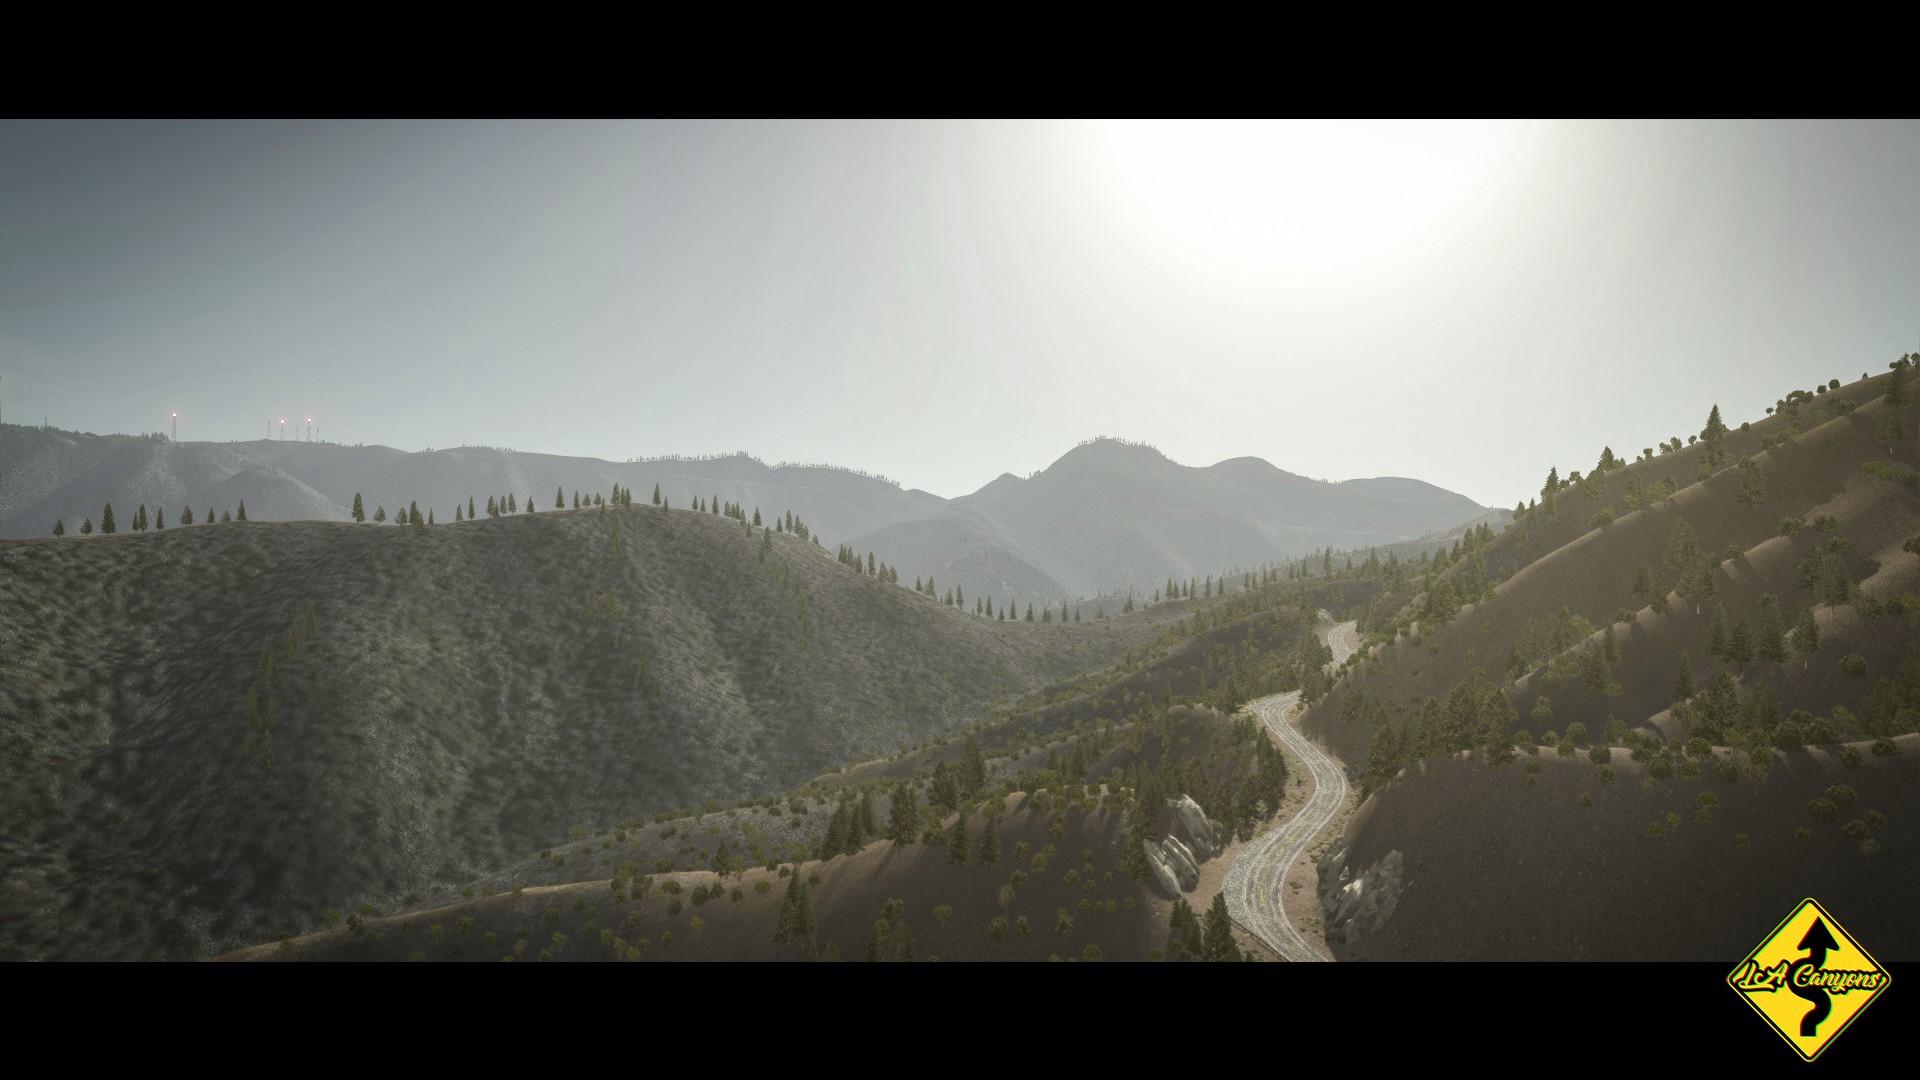 terrain_view.jpg